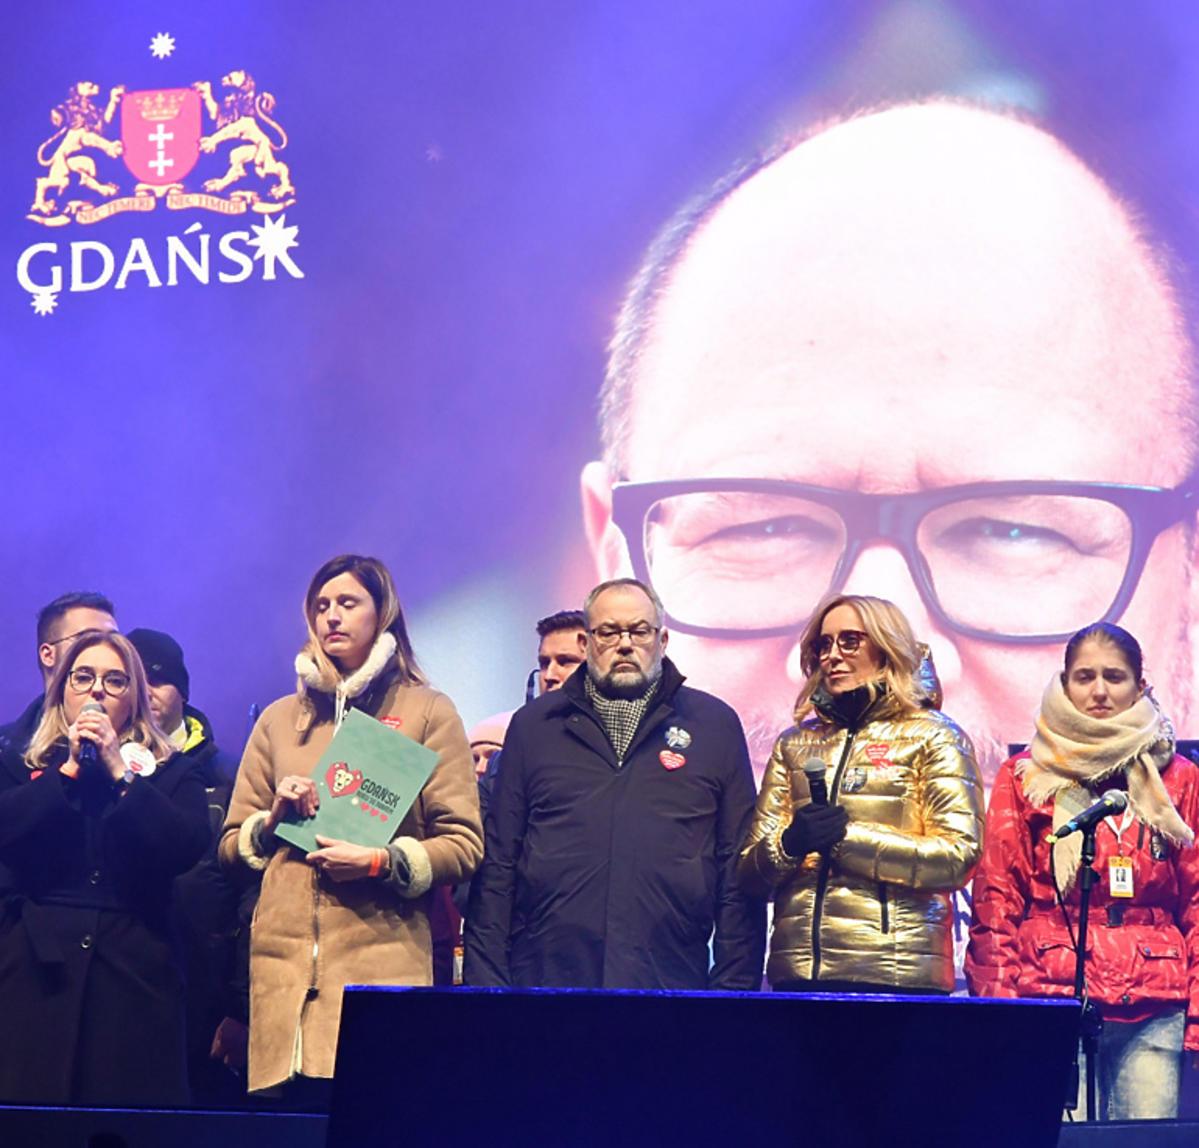 Gdańsk oddał hołd Pawłowi Adamowiczowi